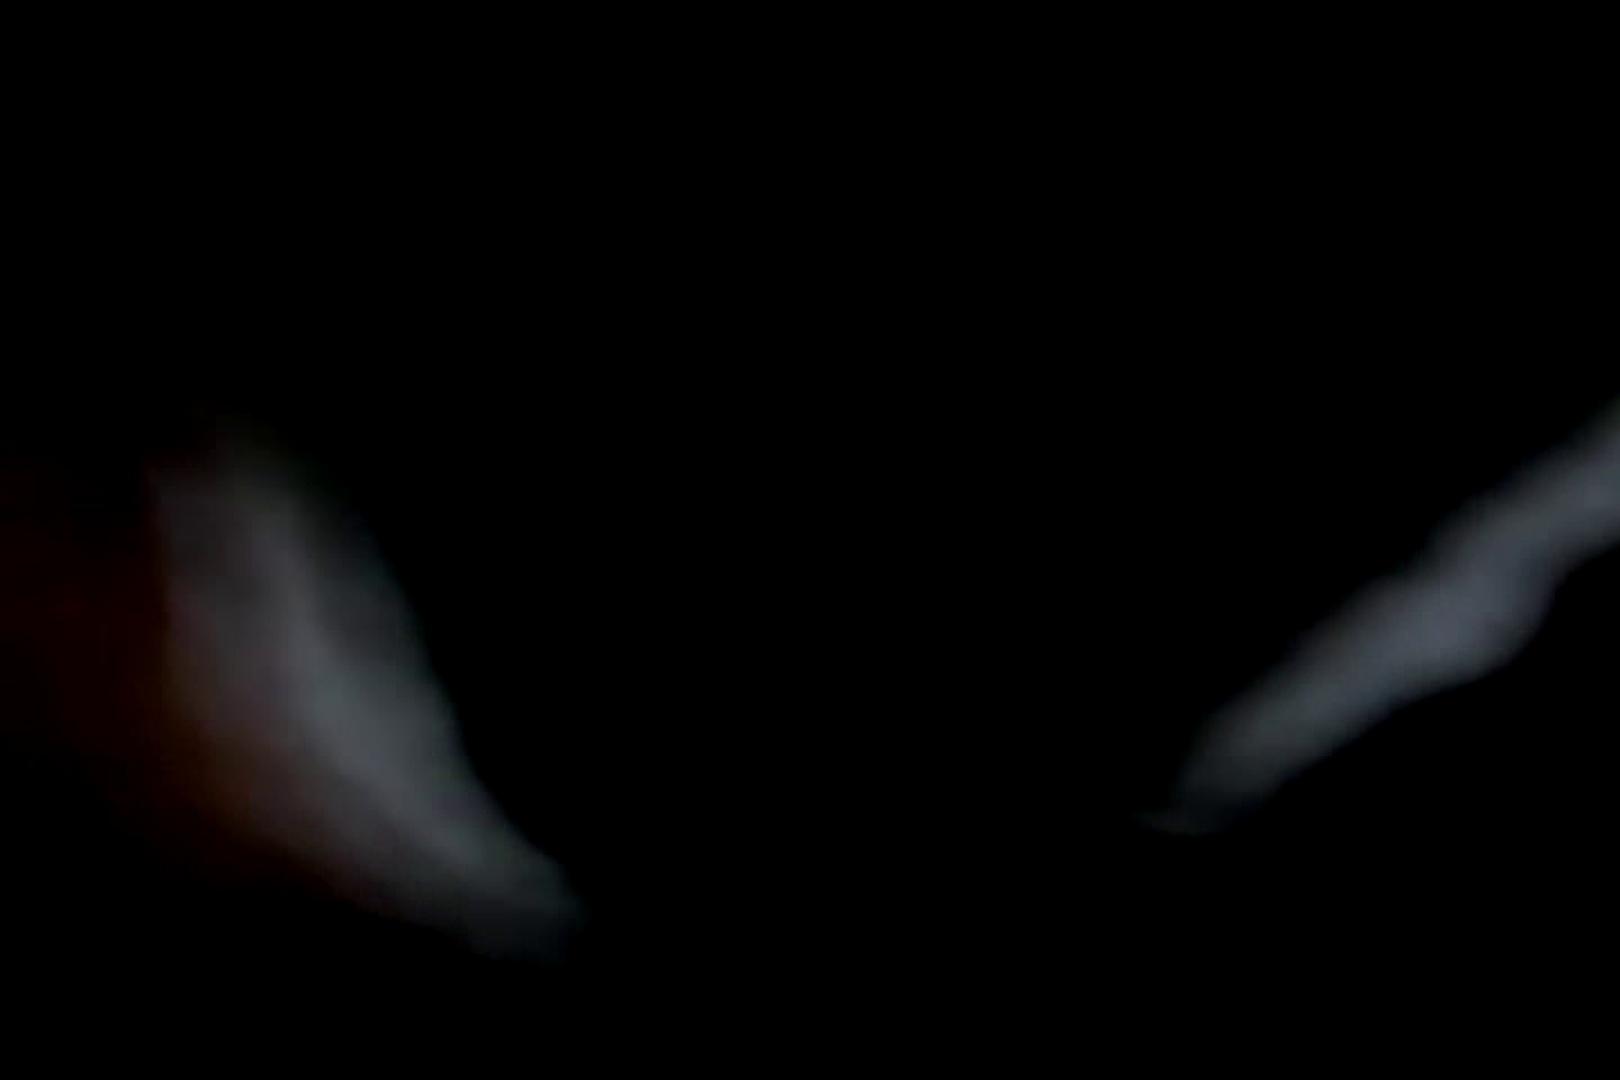 ウイルス流出 レオ&マンコのアルバム マンコ  18連発 16